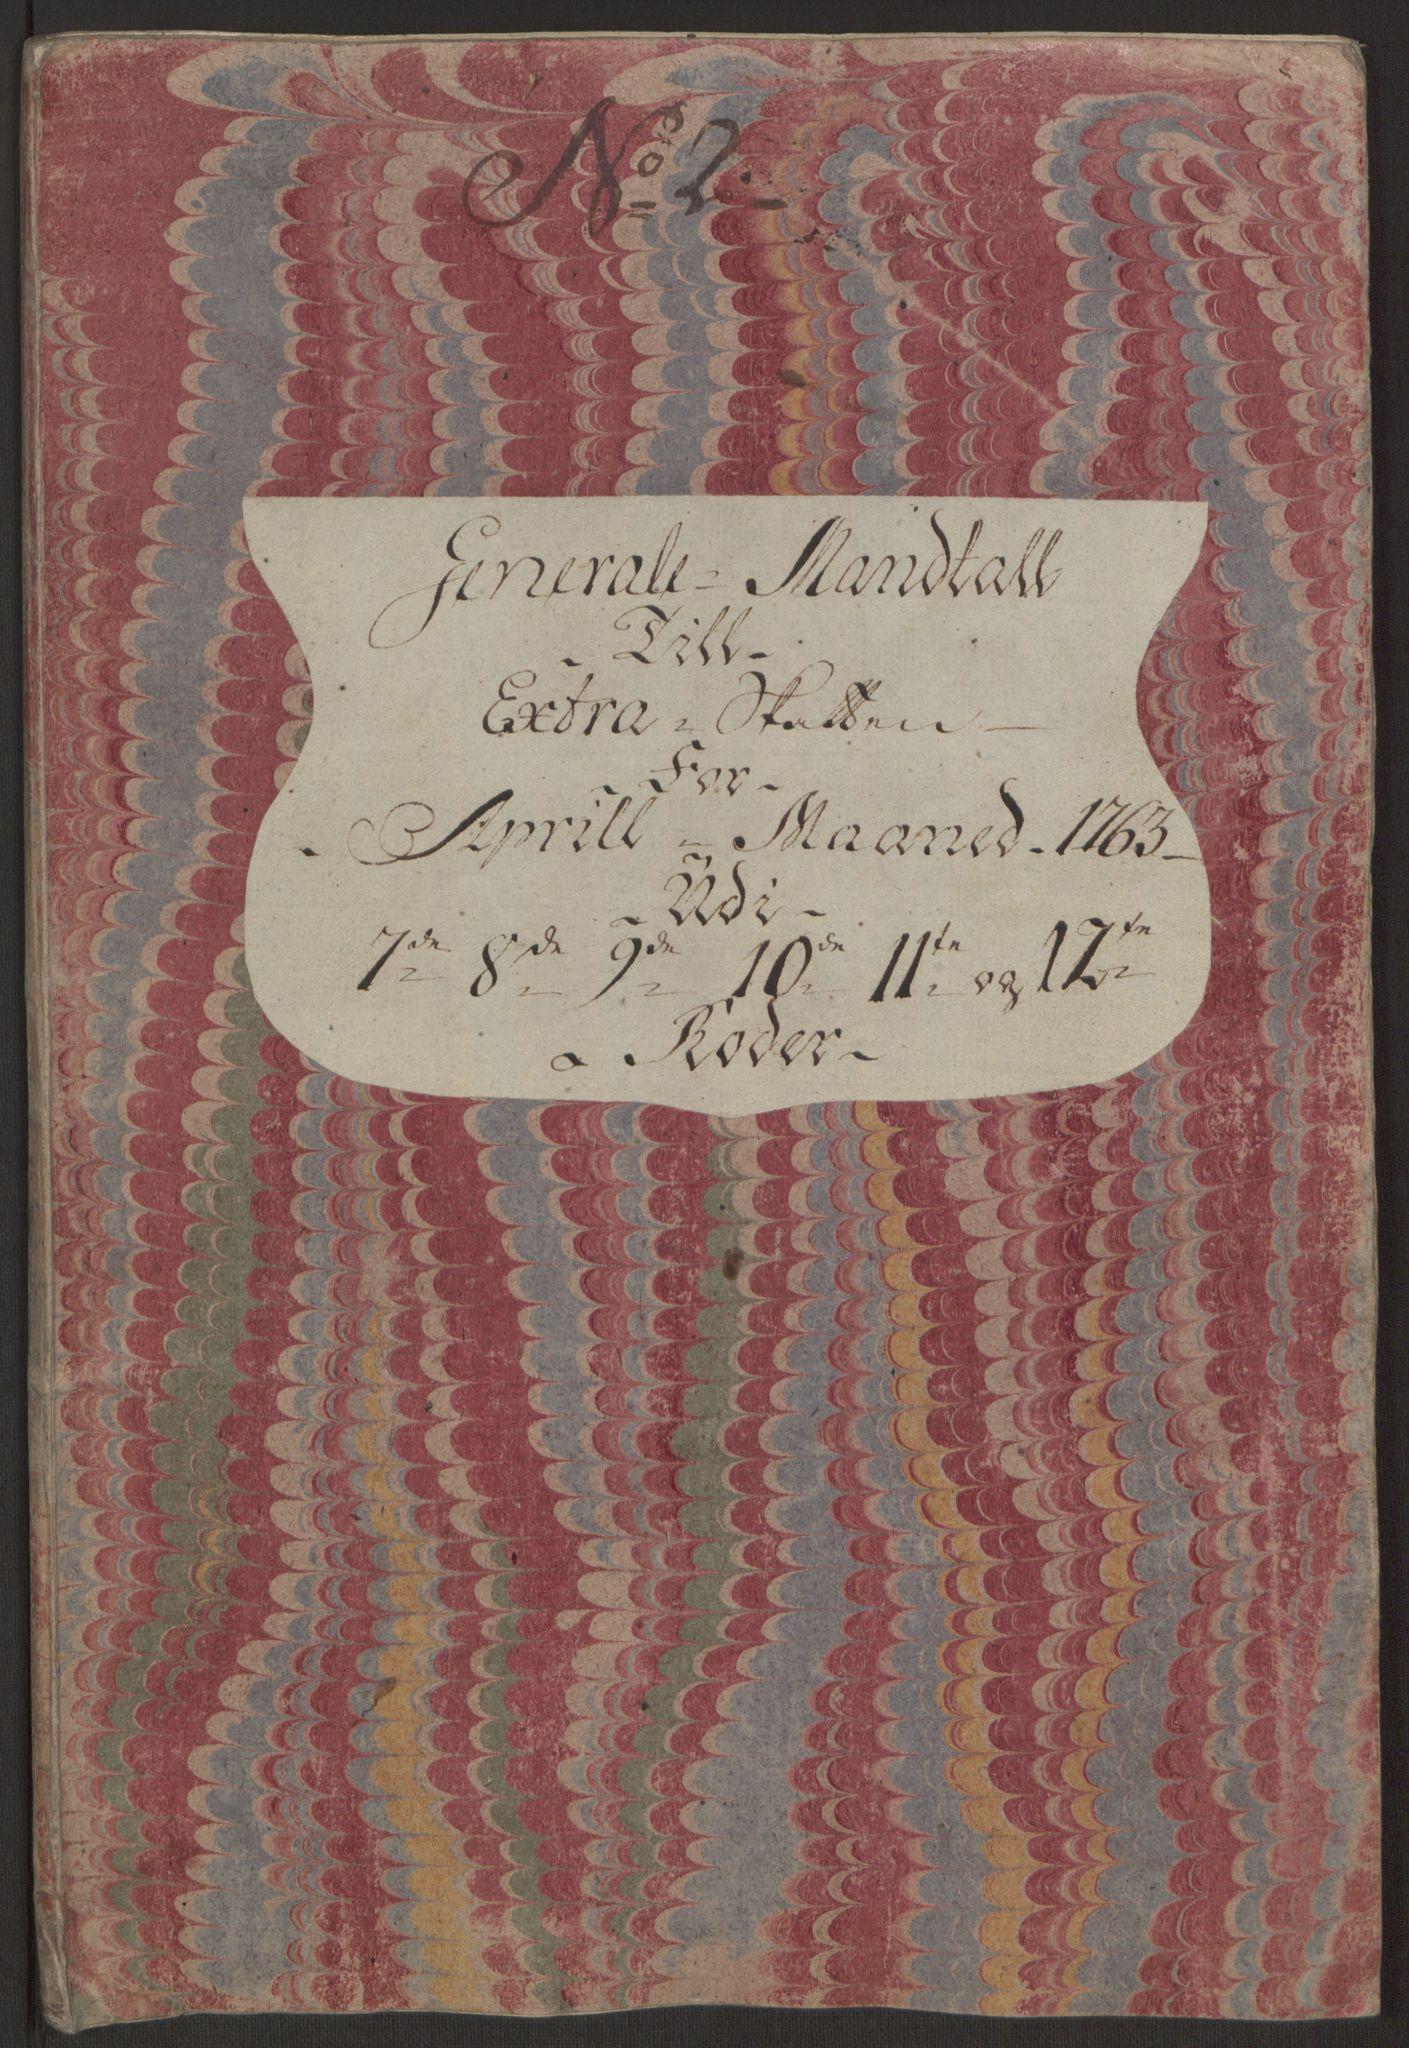 RA, Rentekammeret inntil 1814, Reviderte regnskaper, Byregnskaper, R/Rp/L0366: [P20] Kontribusjonsregnskap, 1763, s. 70